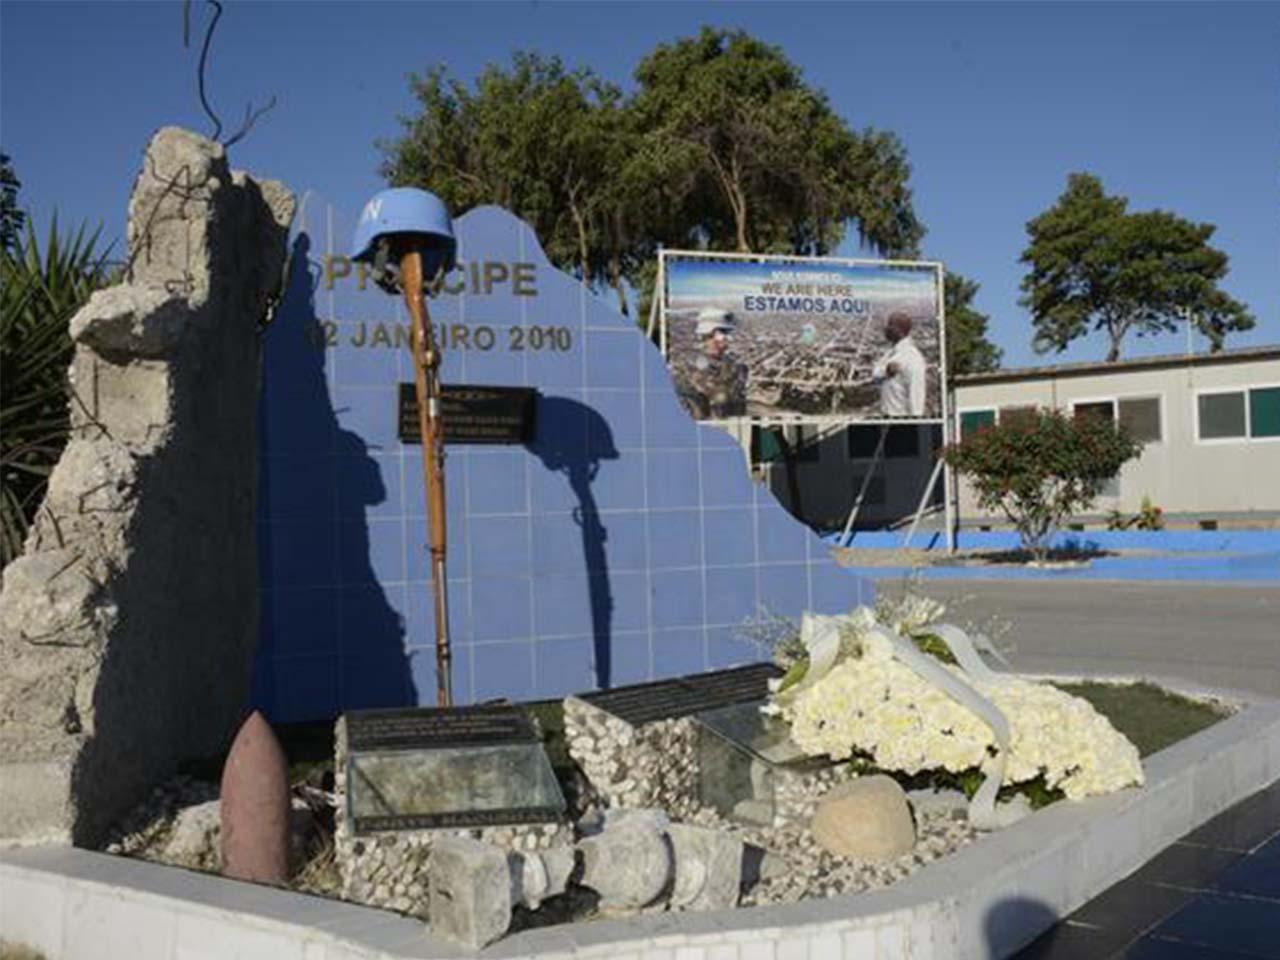 Homenagem aos militares que pereceram no terremoto do Haiti em 12 de janeiro de 2010